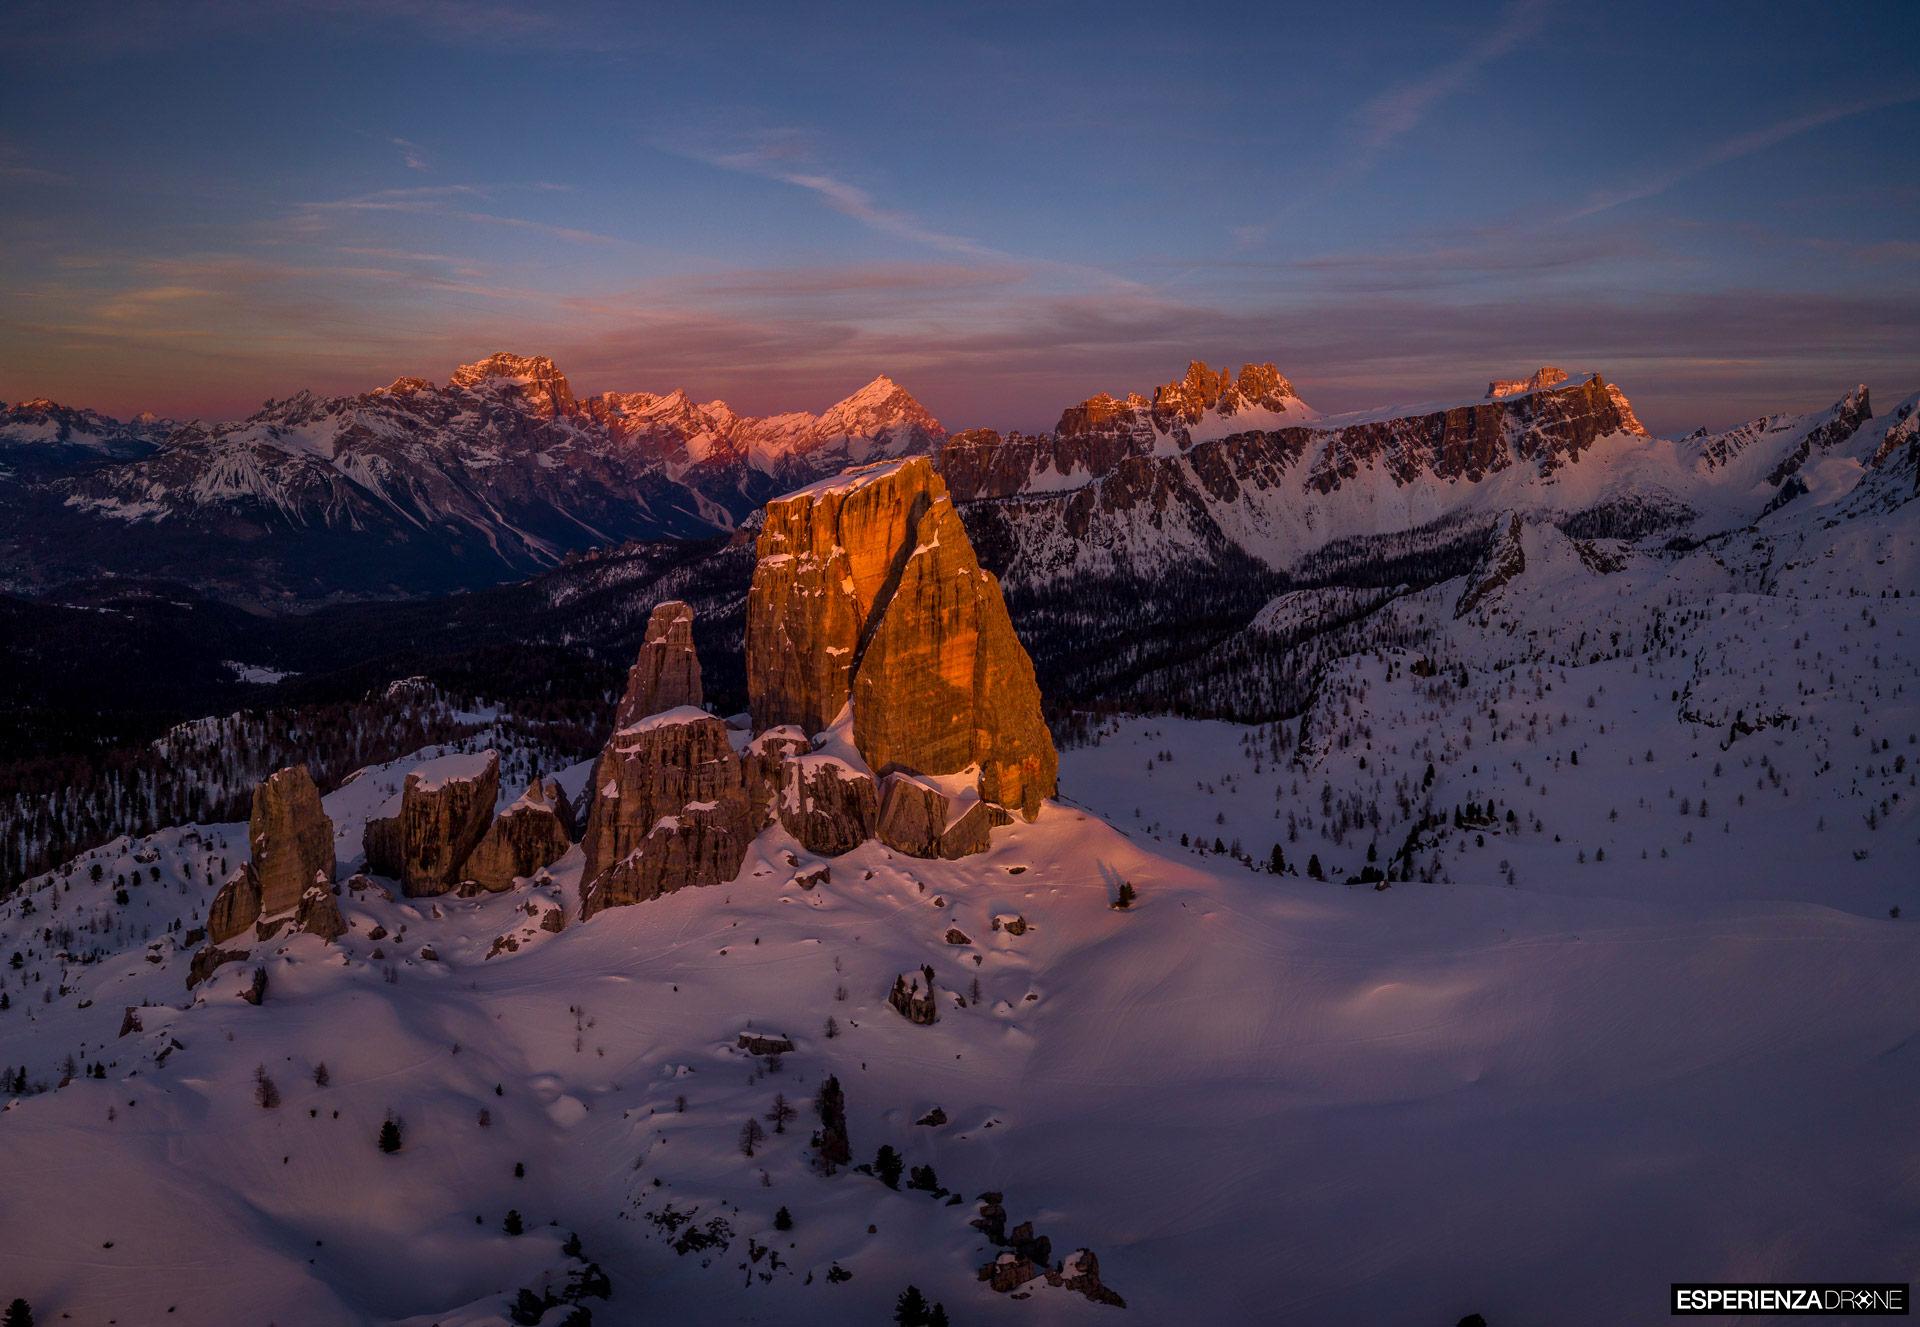 esperienza drone immagine portfolio naturalistica turismo promozione territorio italia cortina ampezzo panoramica cinquetorri.jpg